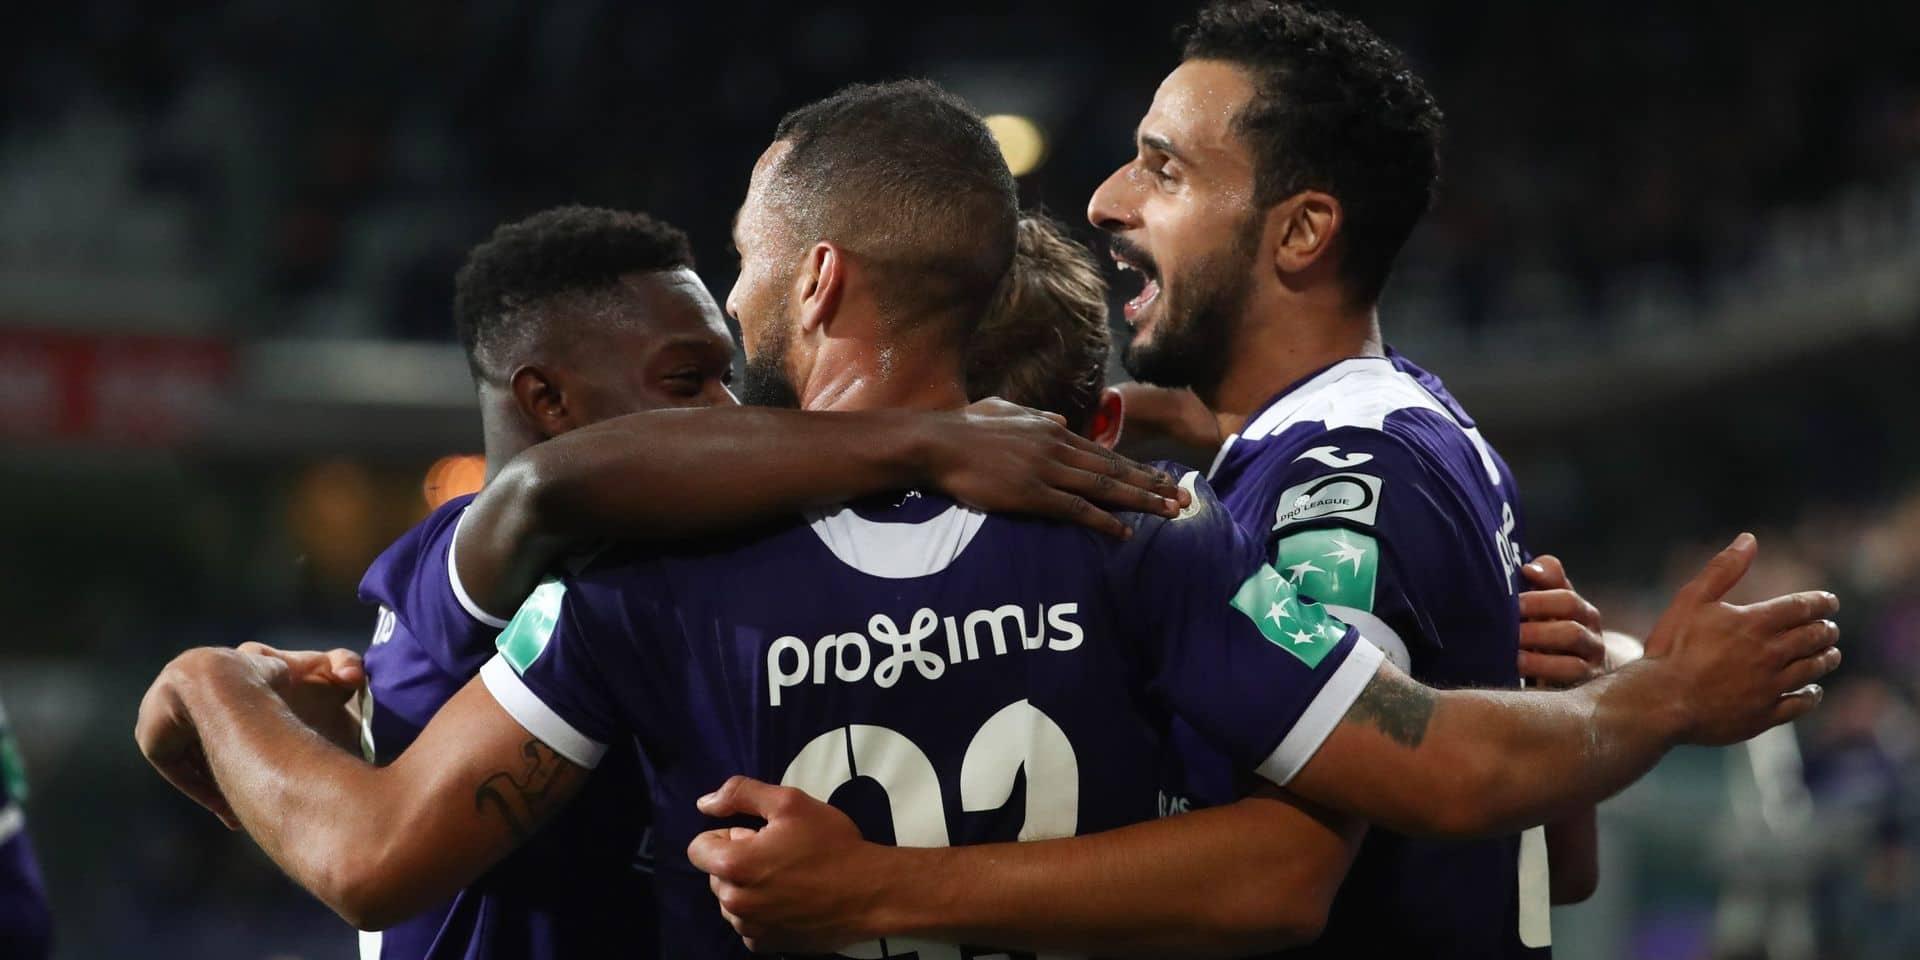 Un Anderlecht convaincant s'impose contre Saint-Trond pour la première de Vercauteren (4-1)